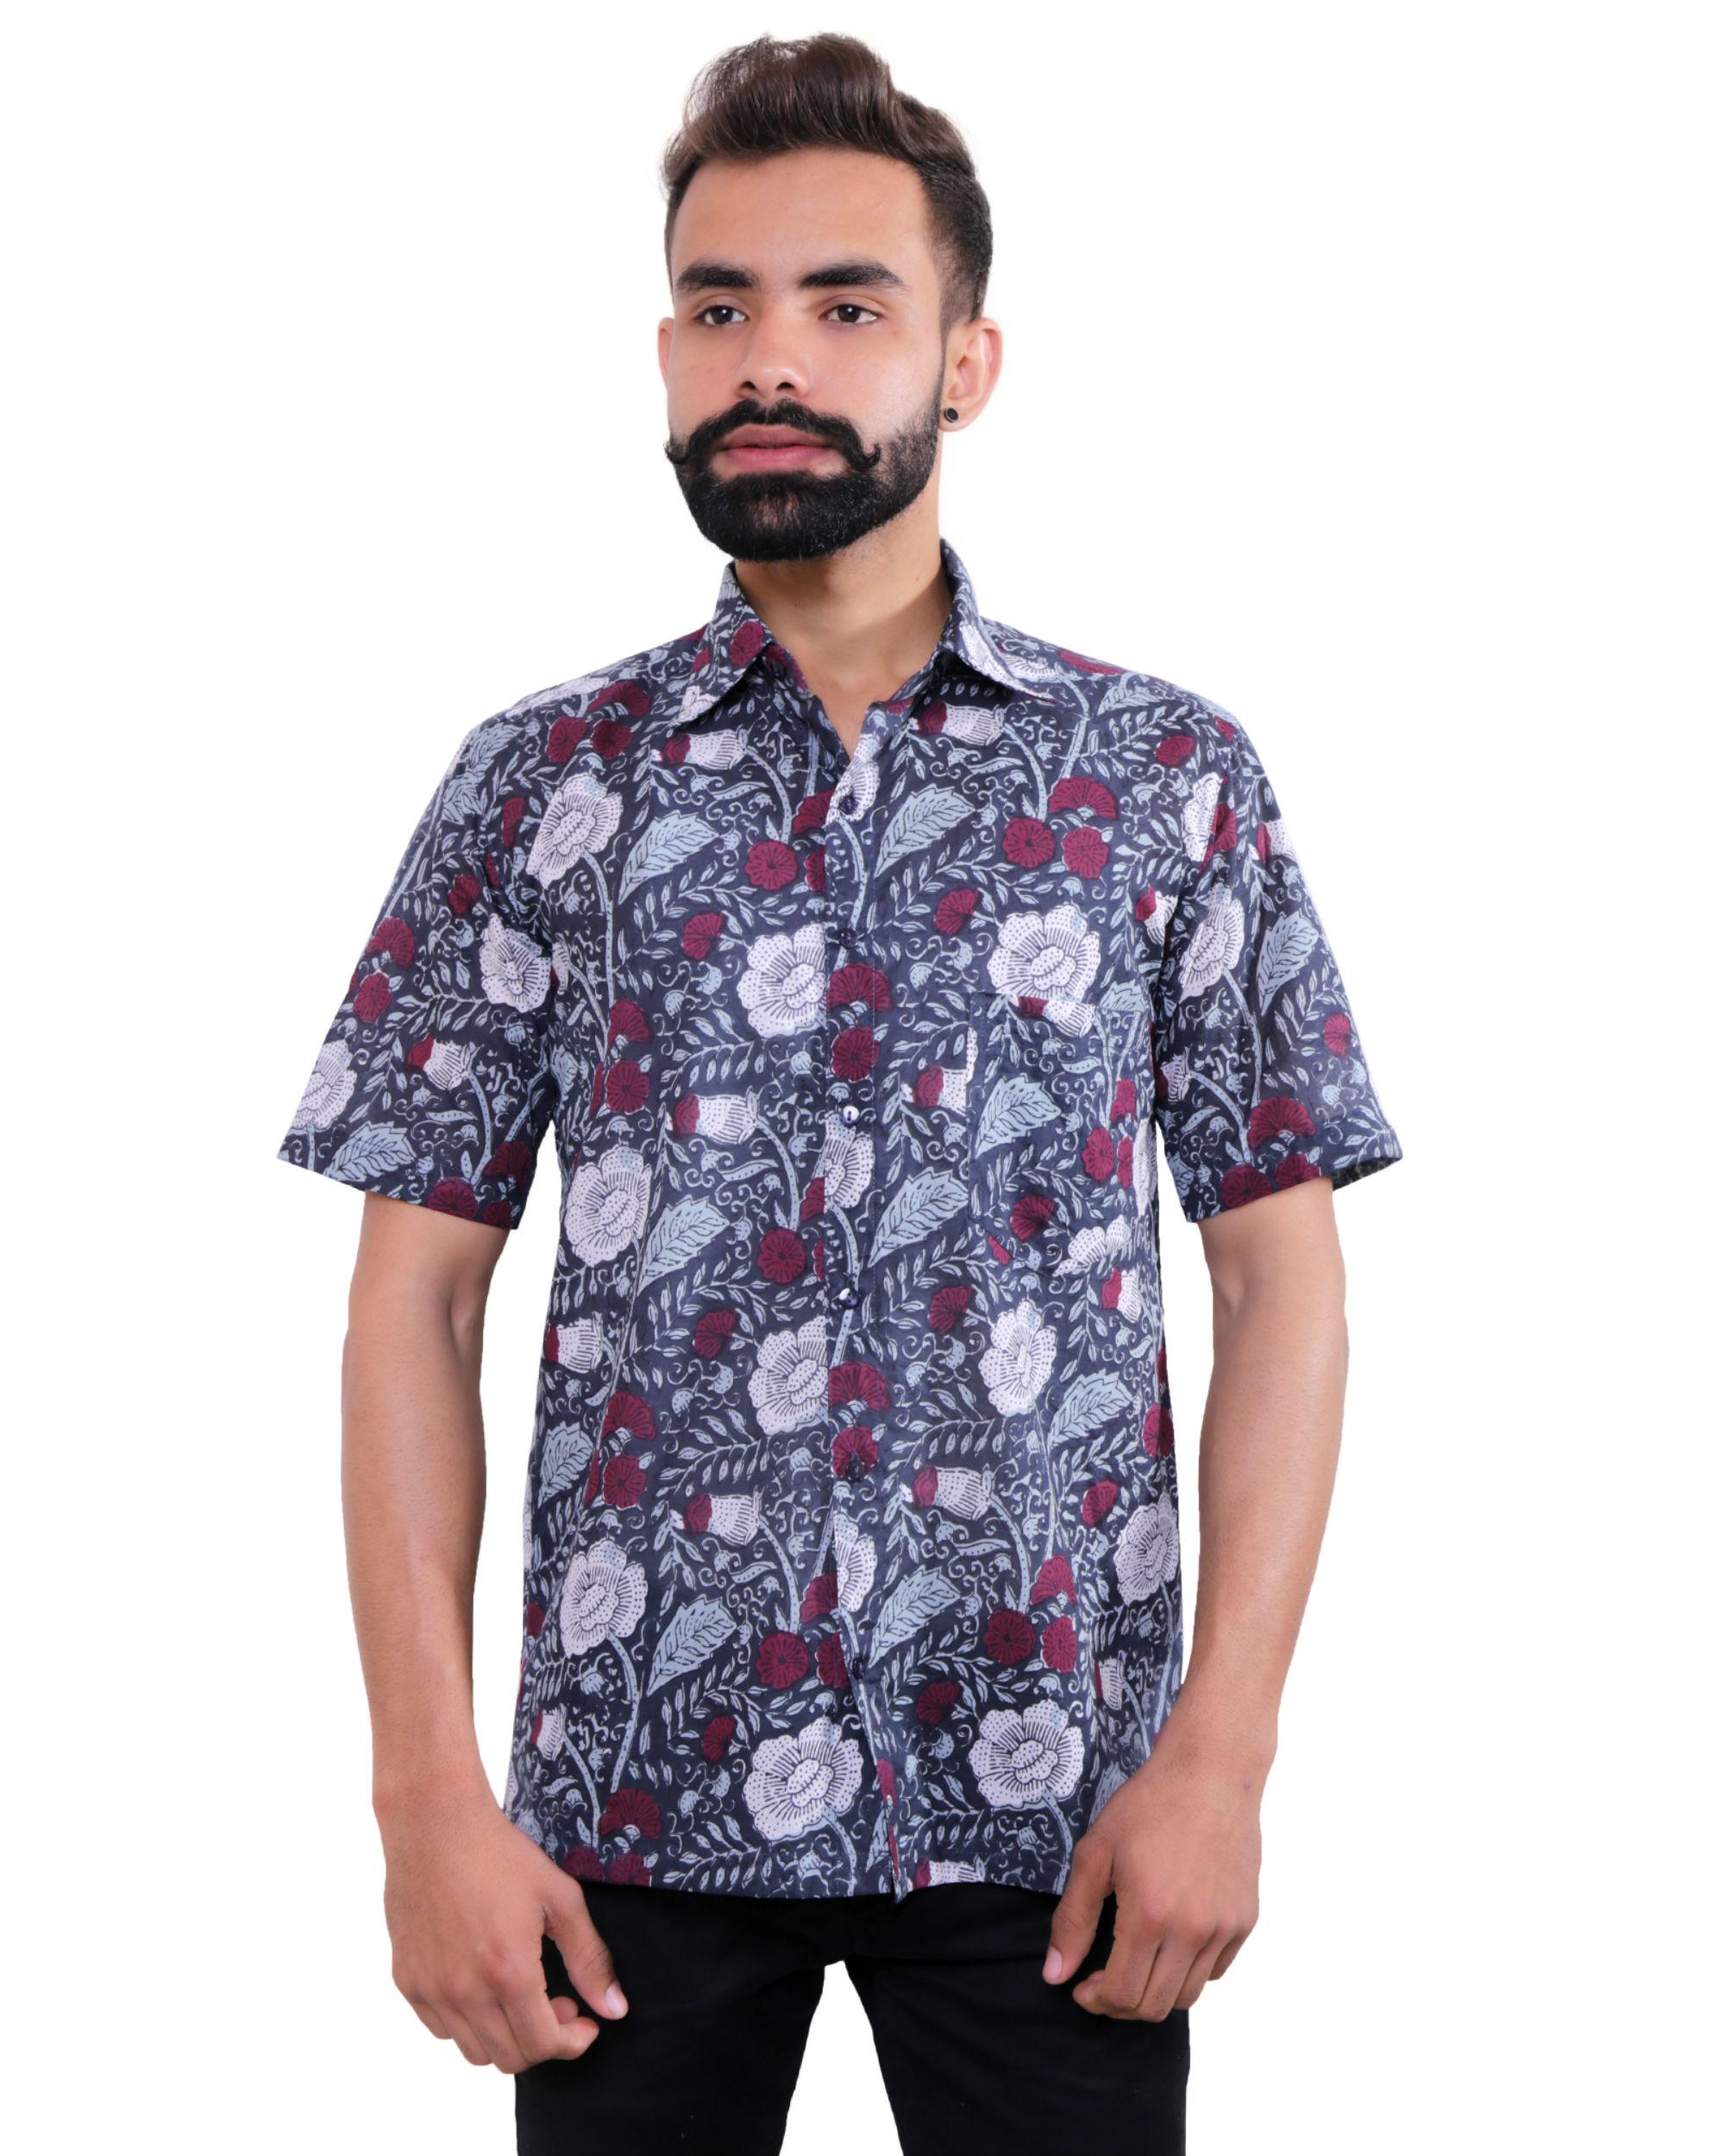 Garden printed cotton shirt